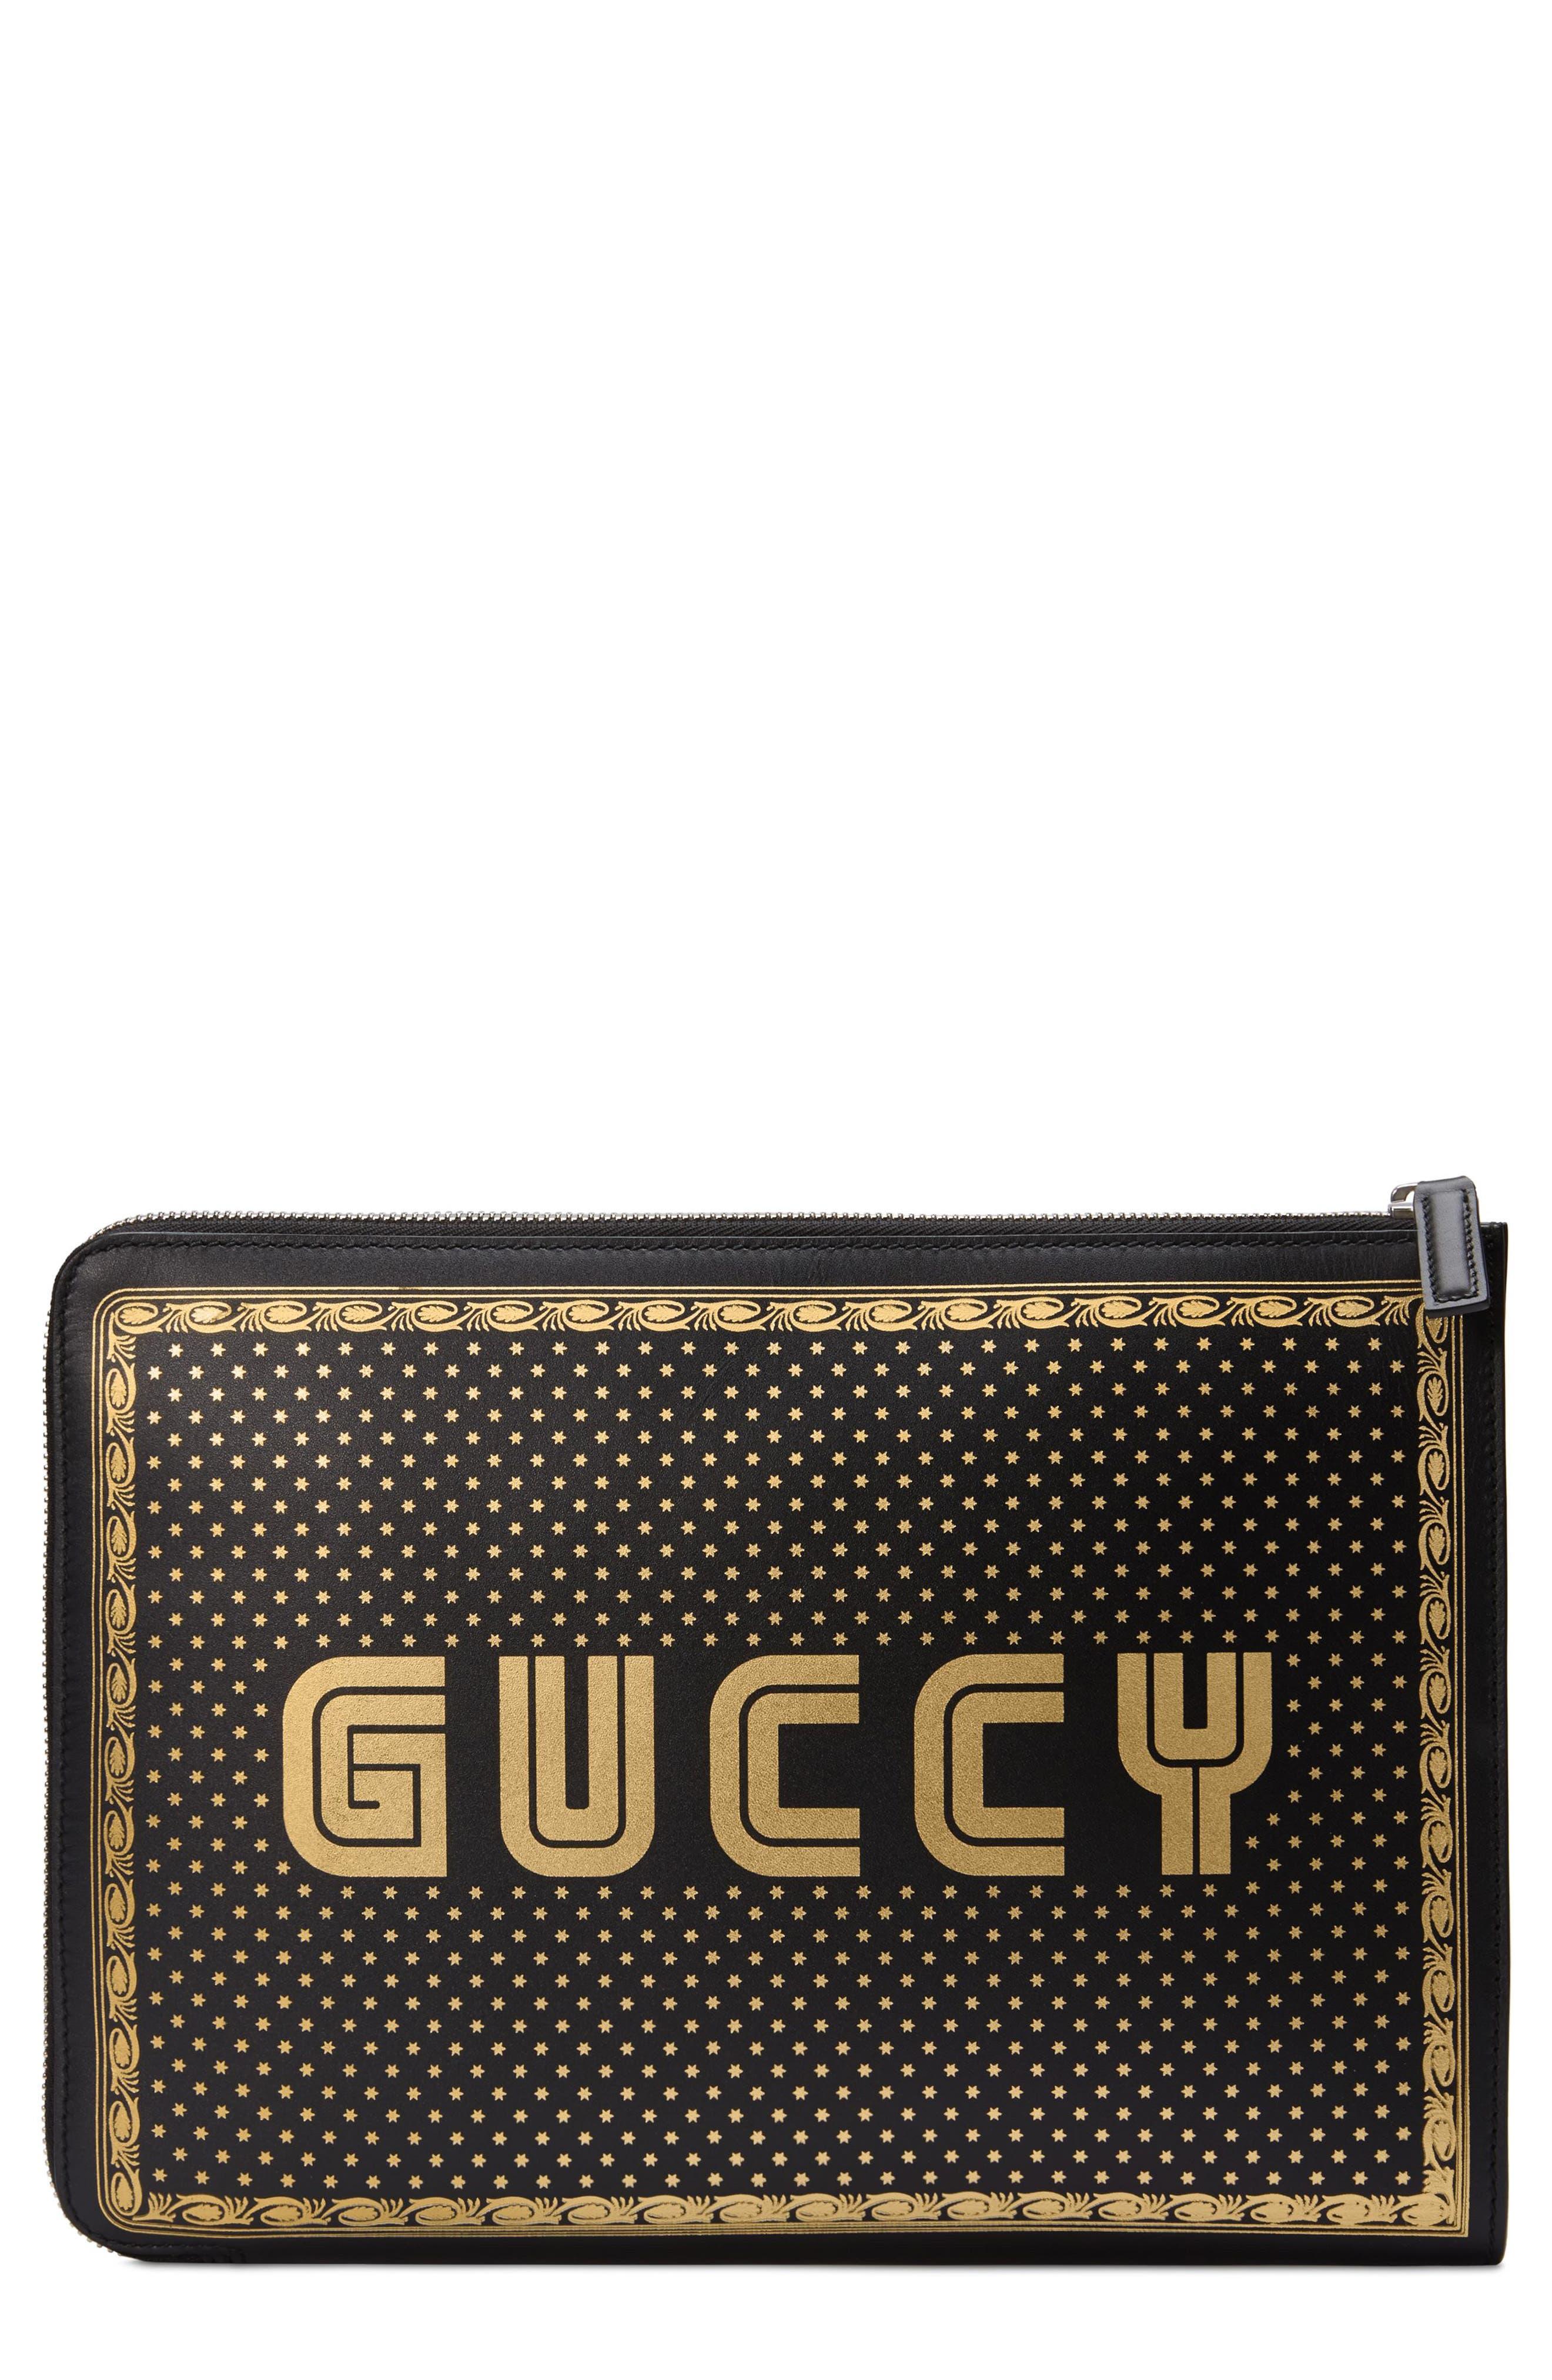 GUCCI Guccy Logo Moon & Stars Leather Clutch, Main, color, NERO ORO/ NERO